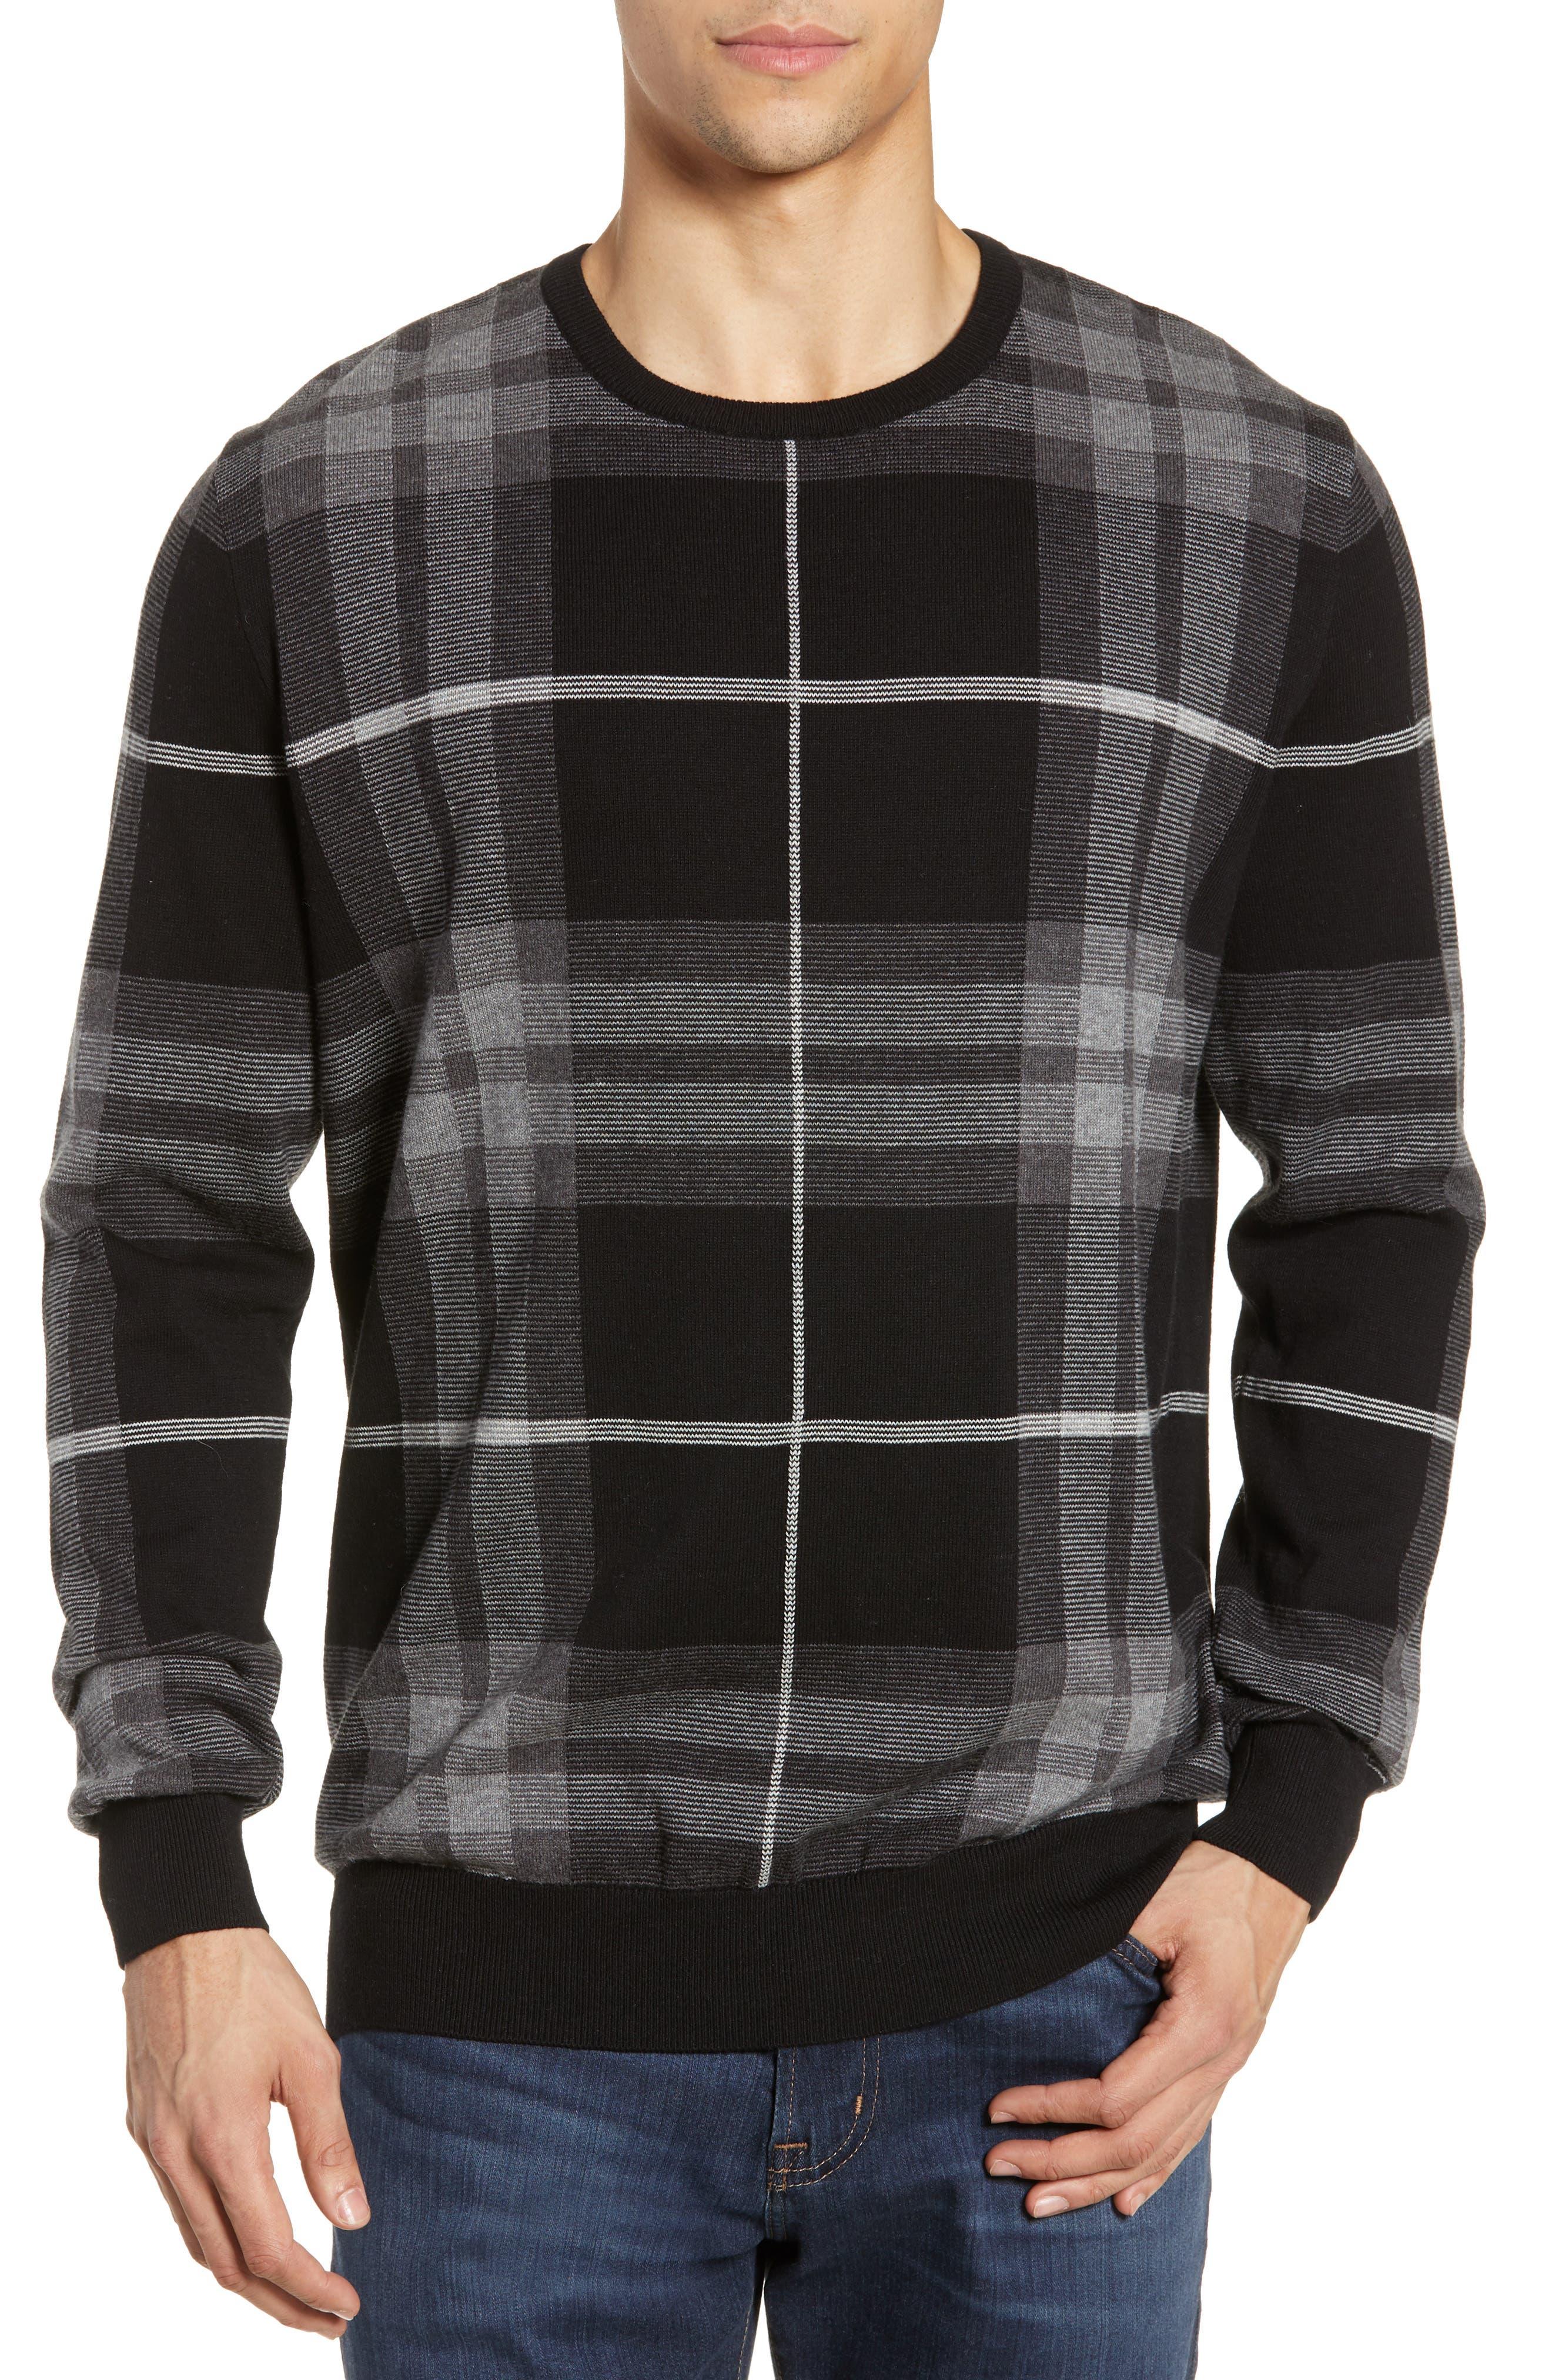 Barbour Jacquard Tartan Crewneck Sweater, Grey